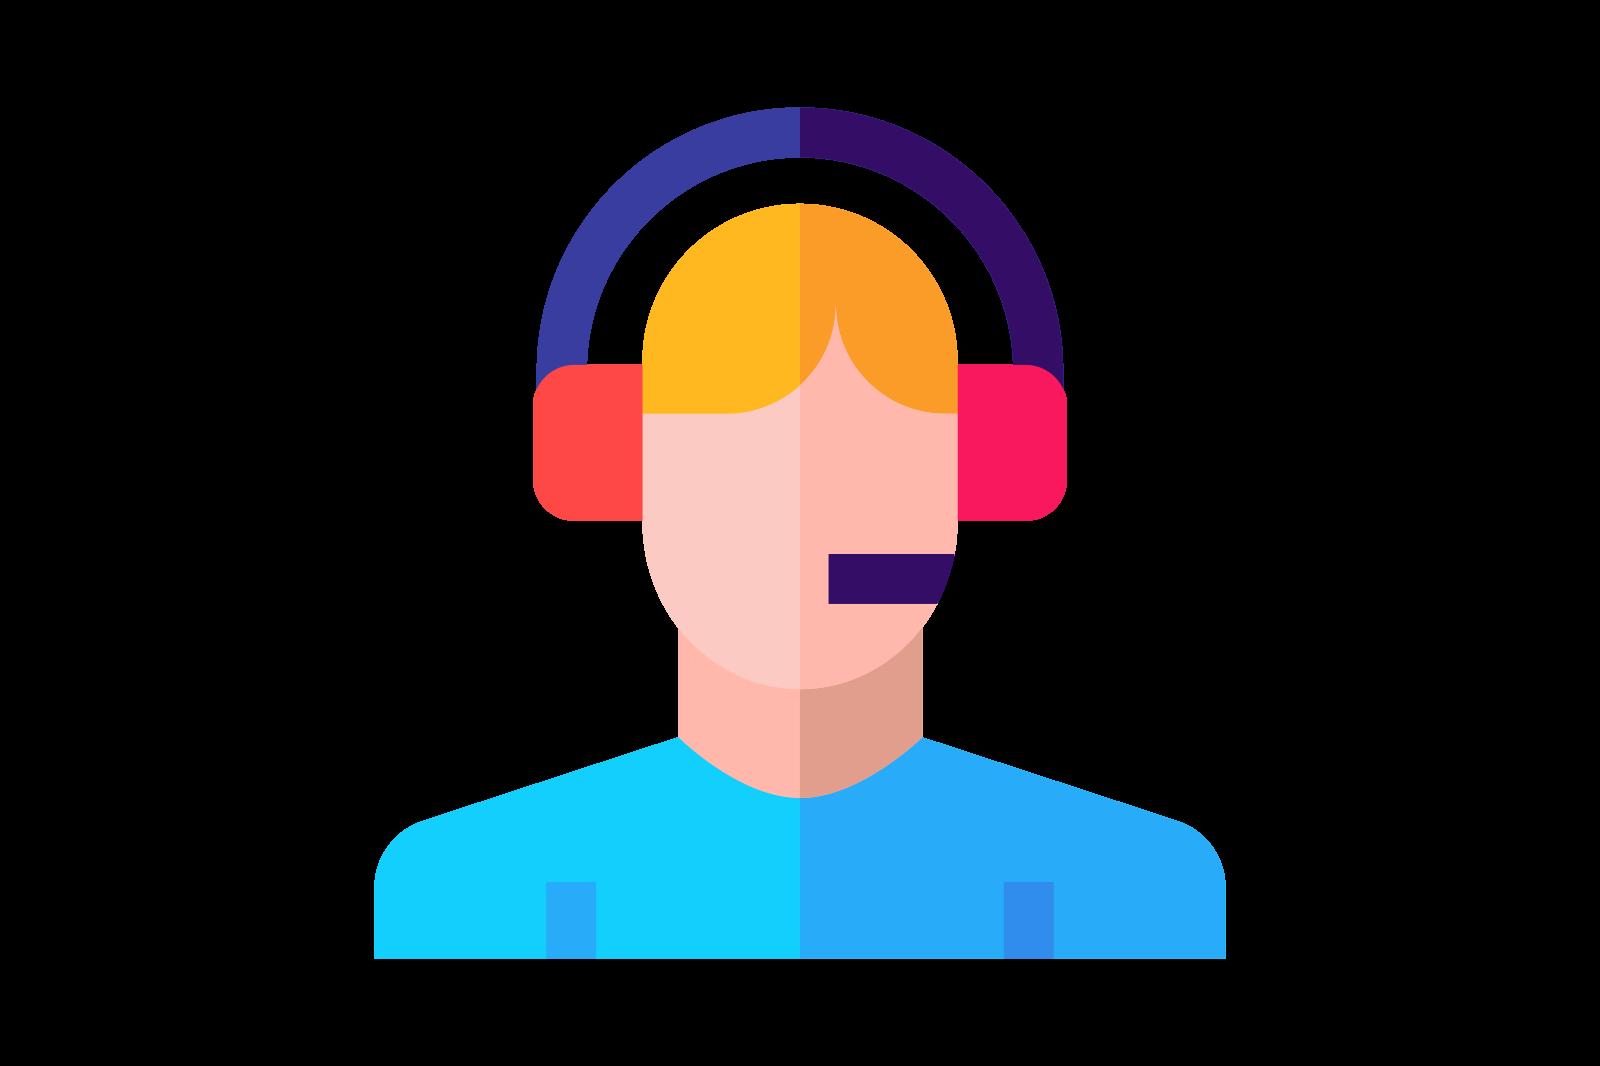 Suporte personalizado 24 horas multicanal Waybit